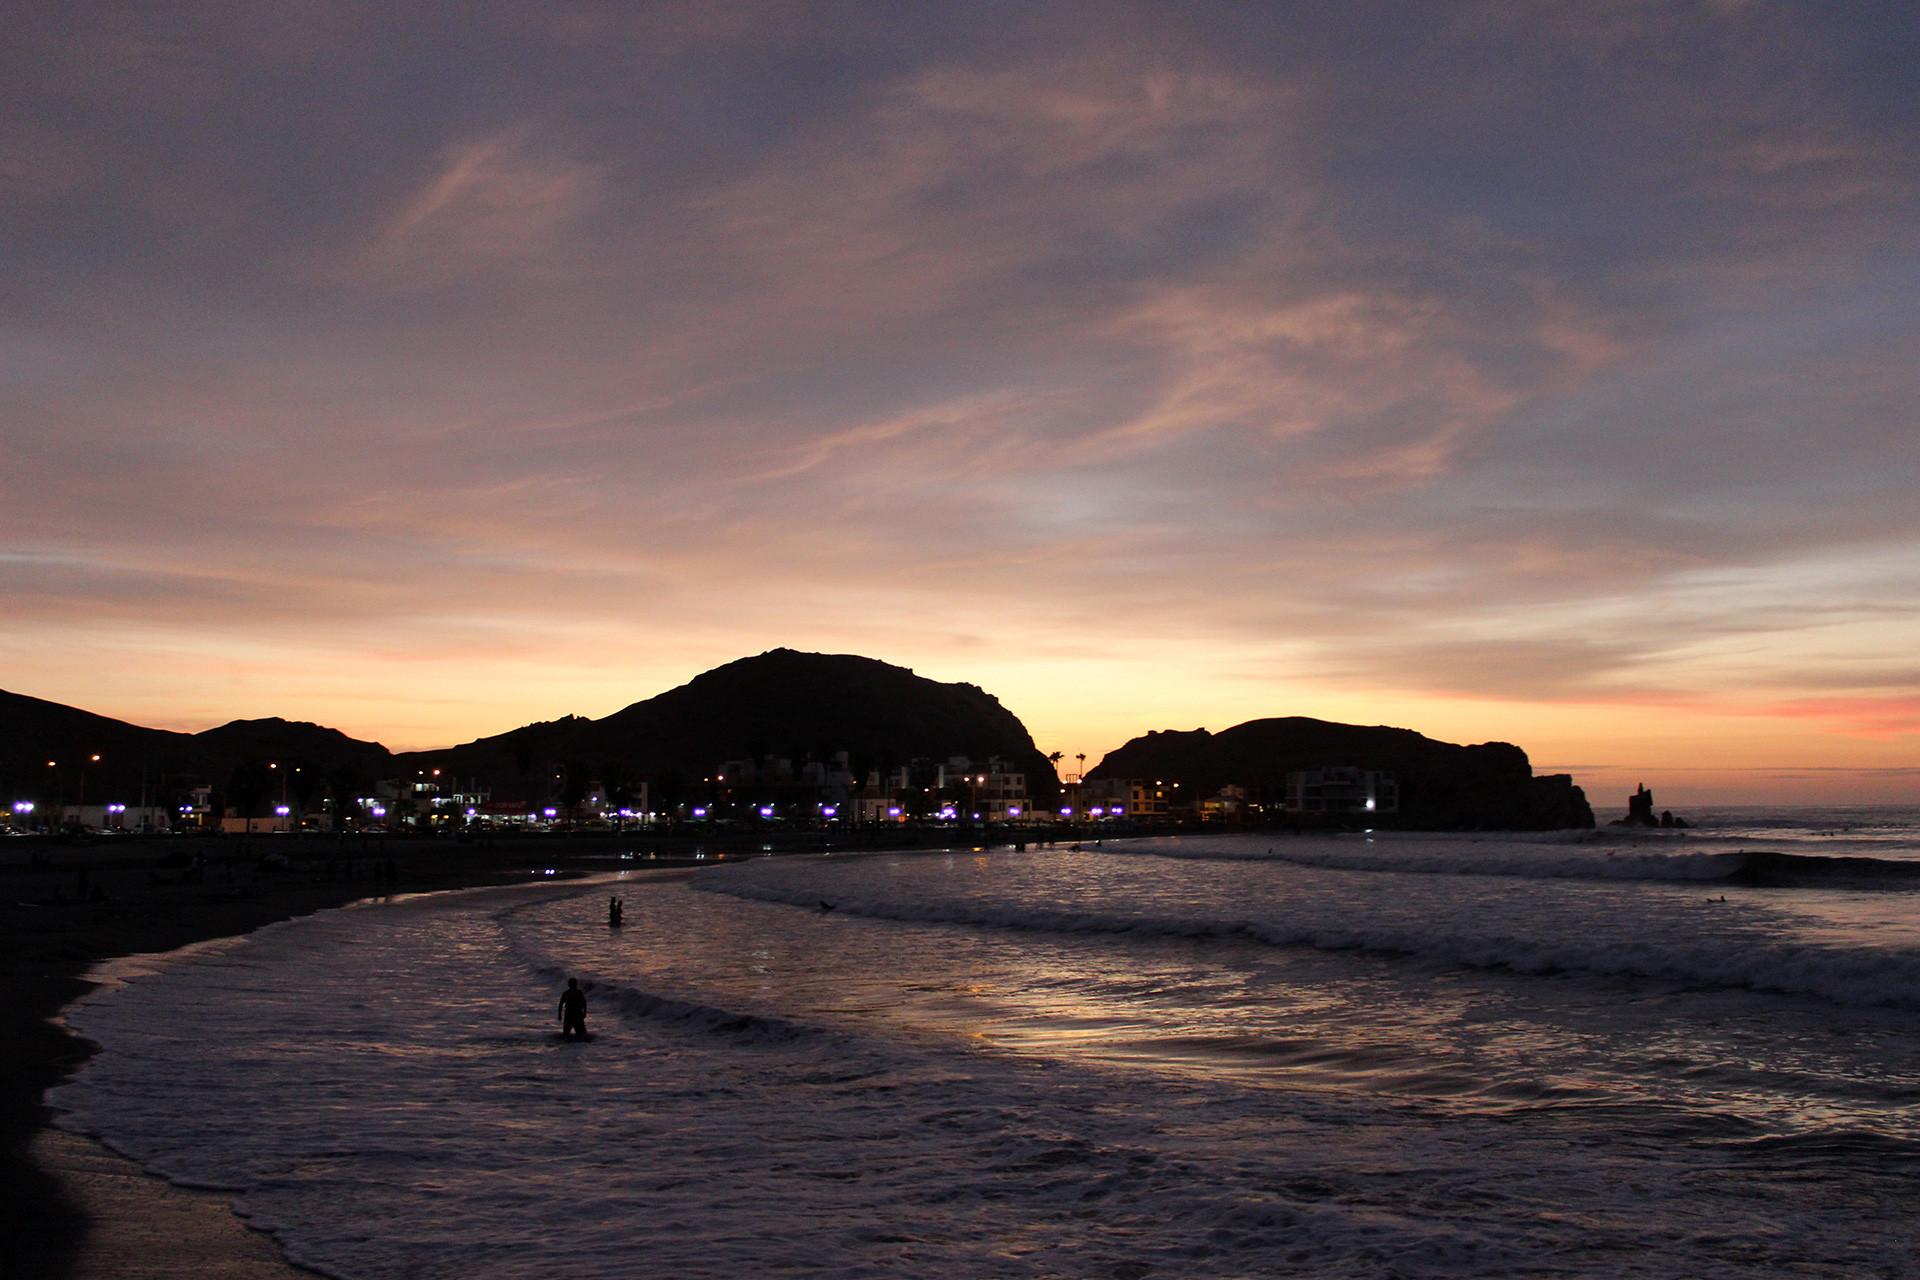 Resultado de imagen para caminata en la playa noche